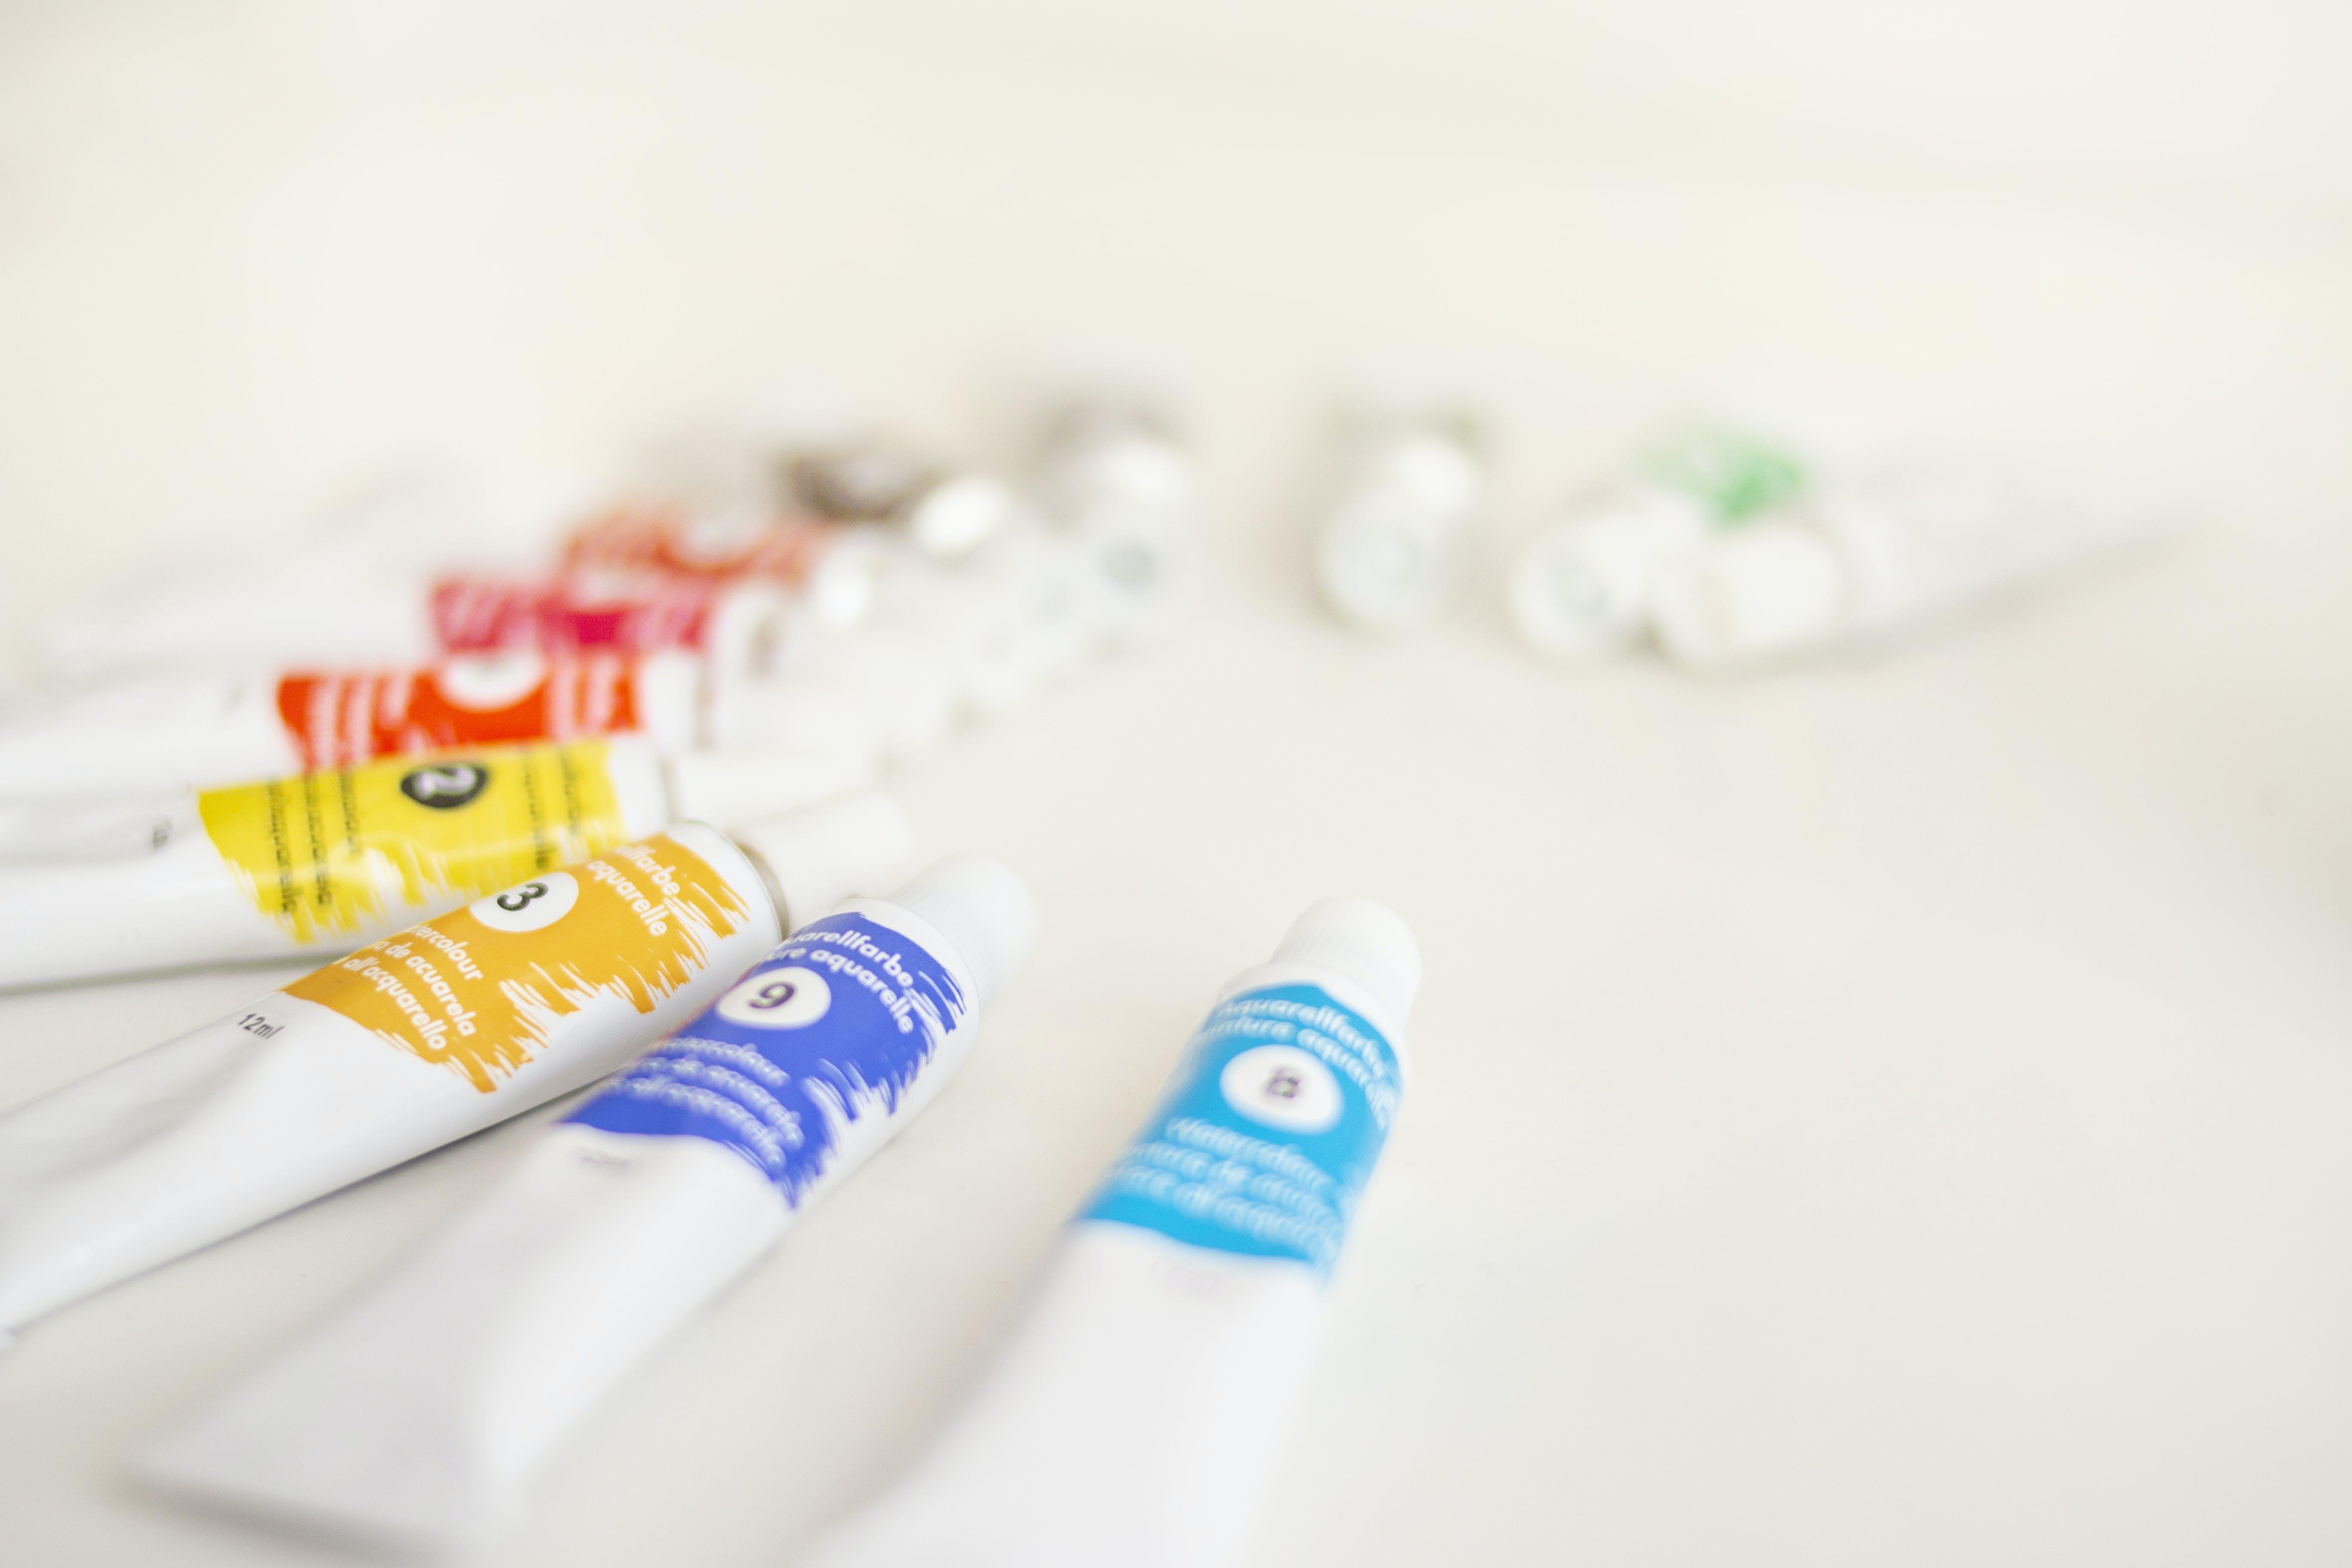 Fotos de stock gratuitas de acuarelas, adentro, colores, efecto desenfocado